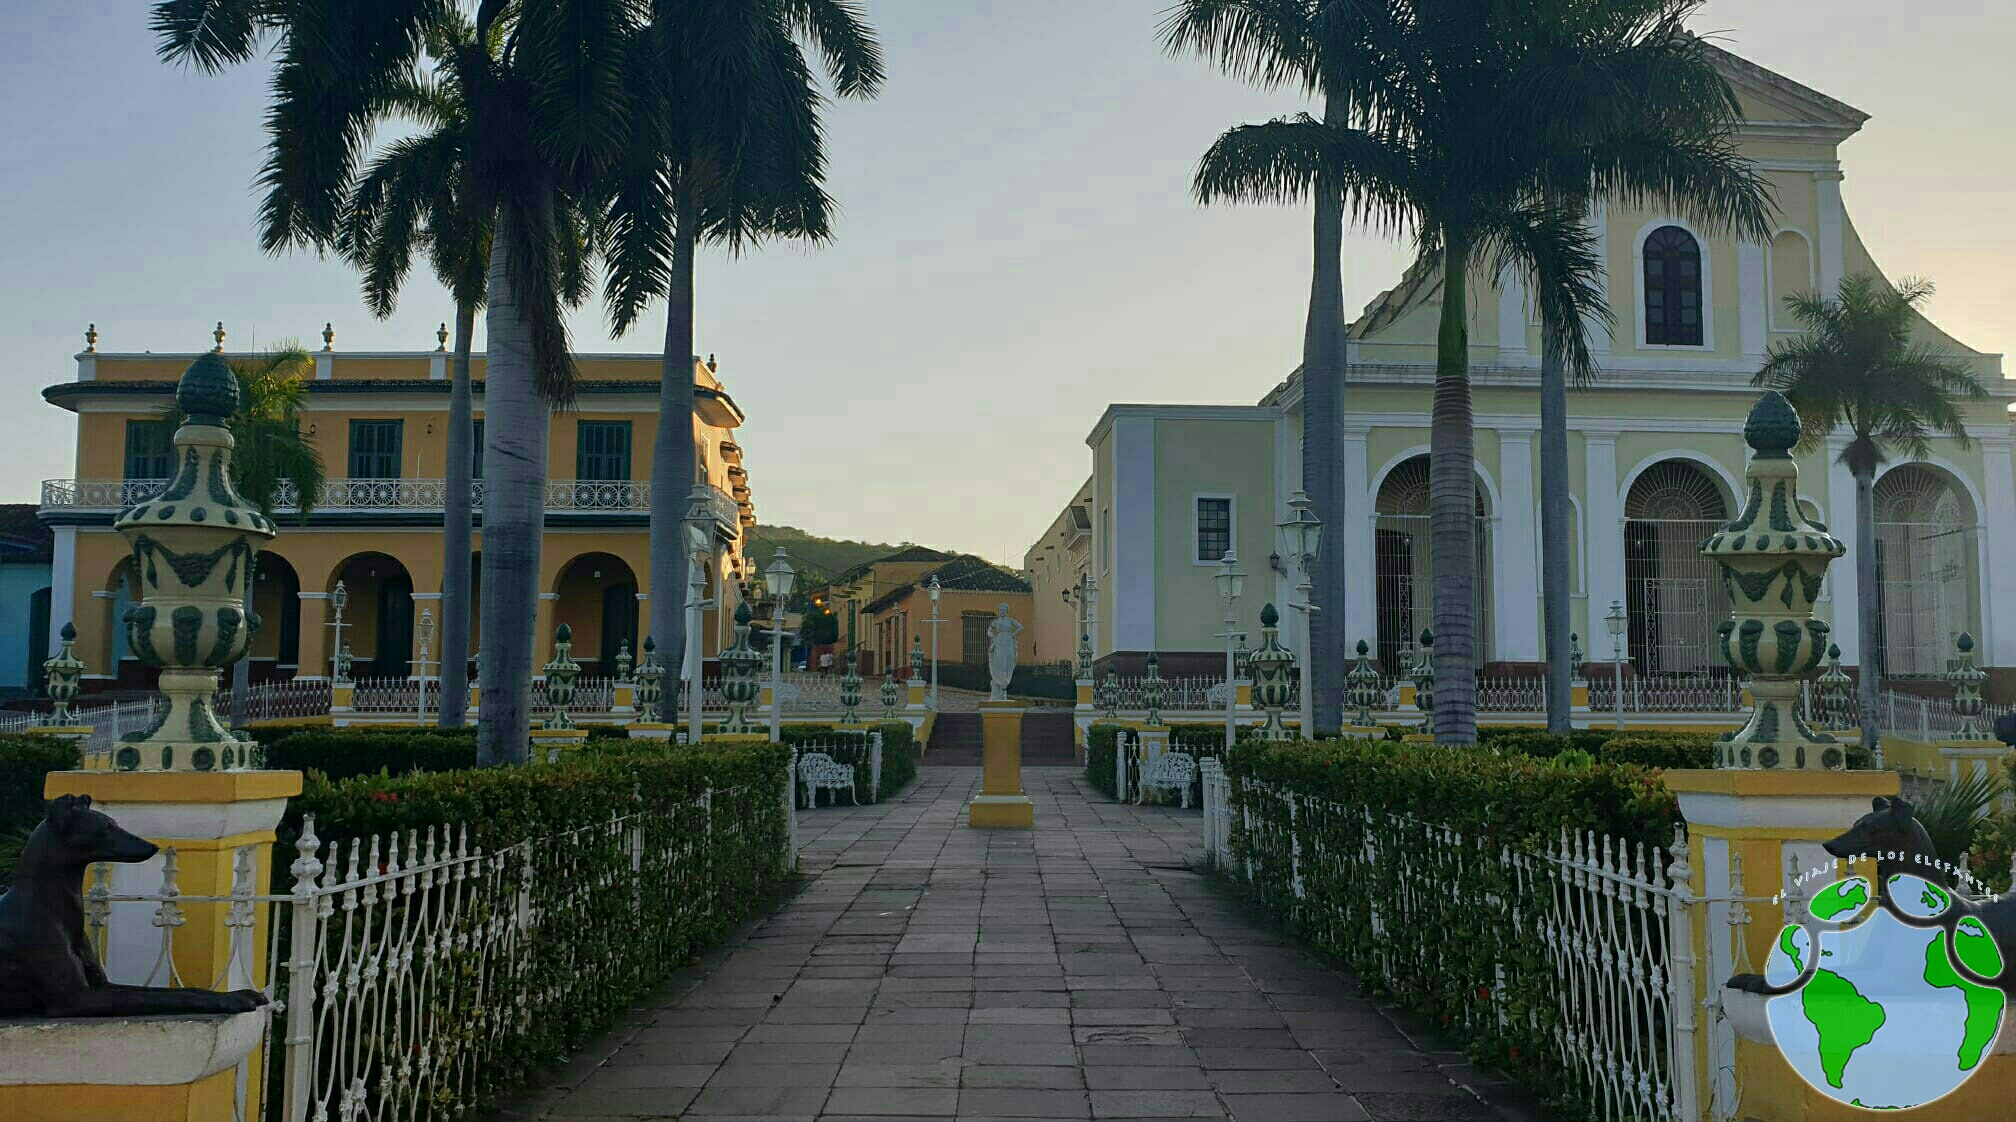 qué hacer en trinidad cuba